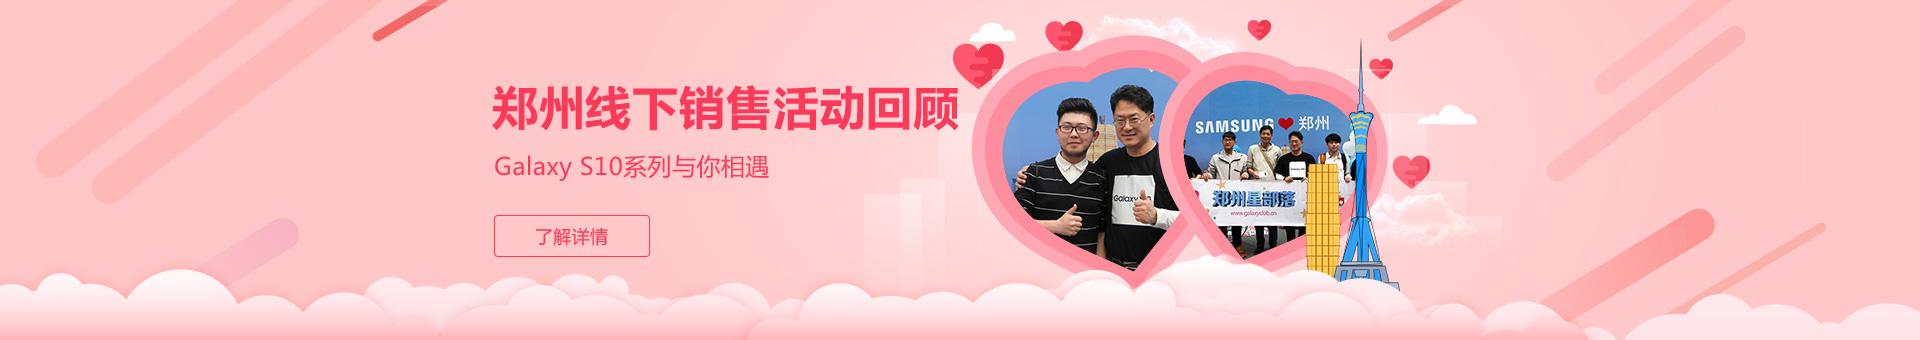 与你相遇 Galaxy S10系列郑州销售活动回顾